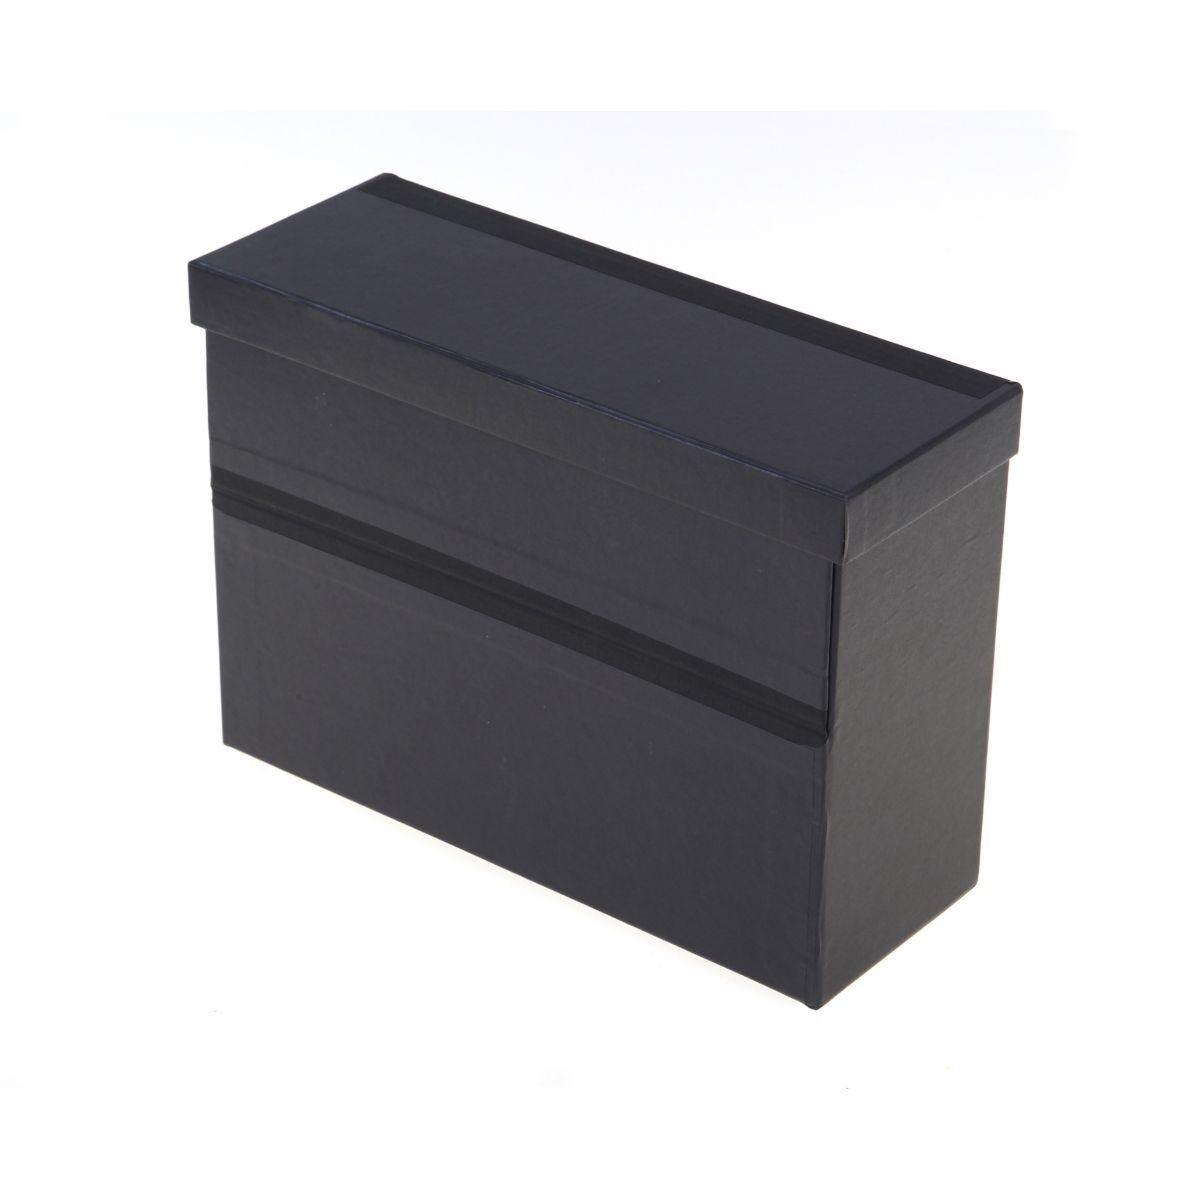 Ryman  Drop Side Filing Box Foolscap H260xW370xD135mm